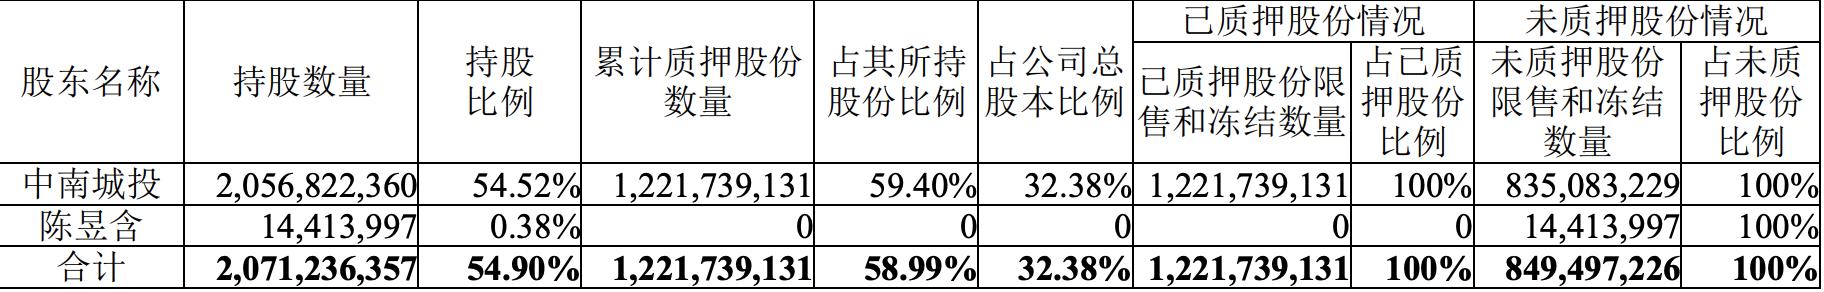 中南建设:中南城投解除质押1.38亿股股份